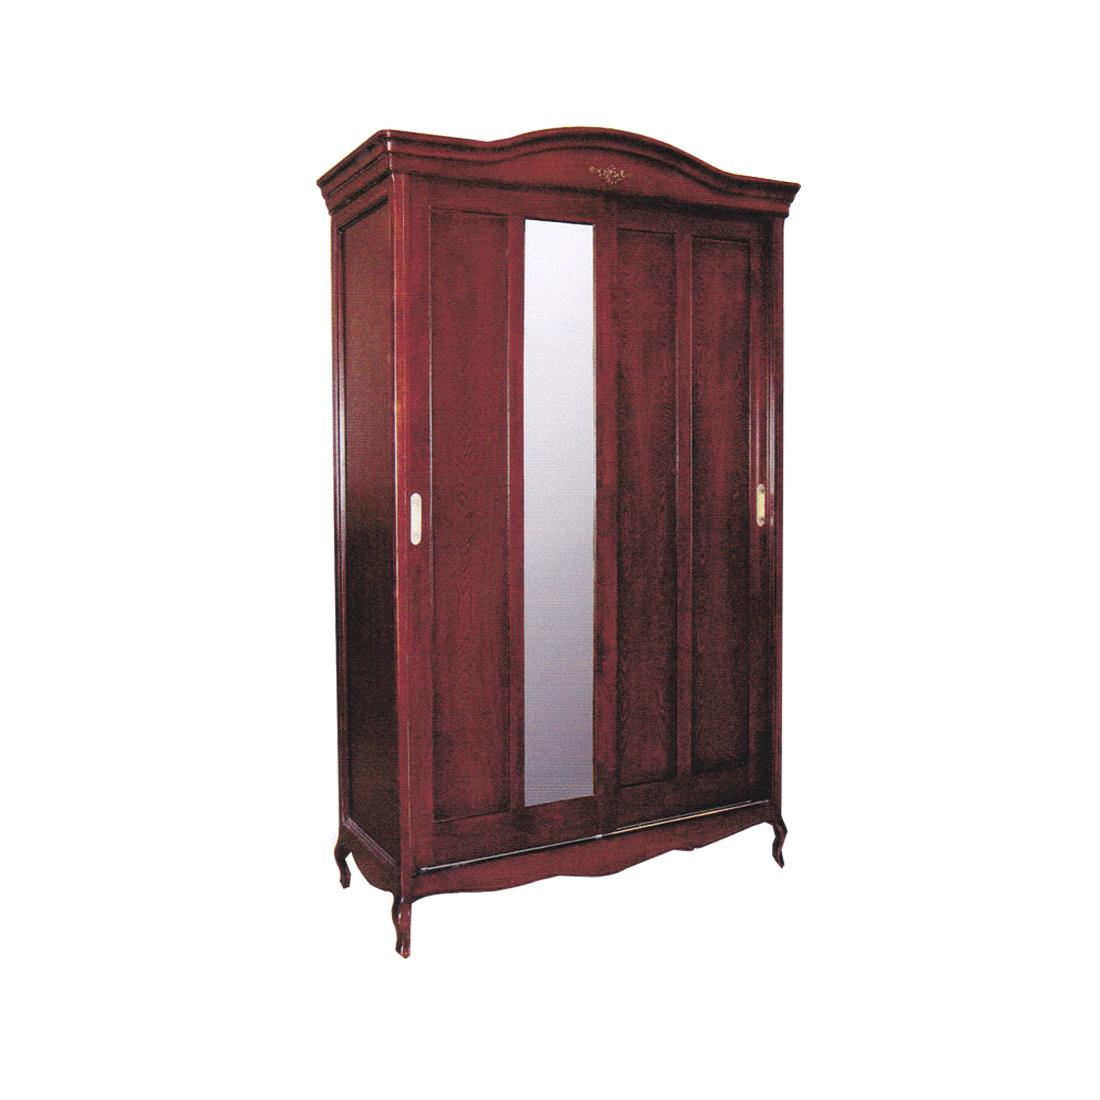 ตู้ผ้าบานสไลด์แมรี่ 1.60 ม. สีขาว